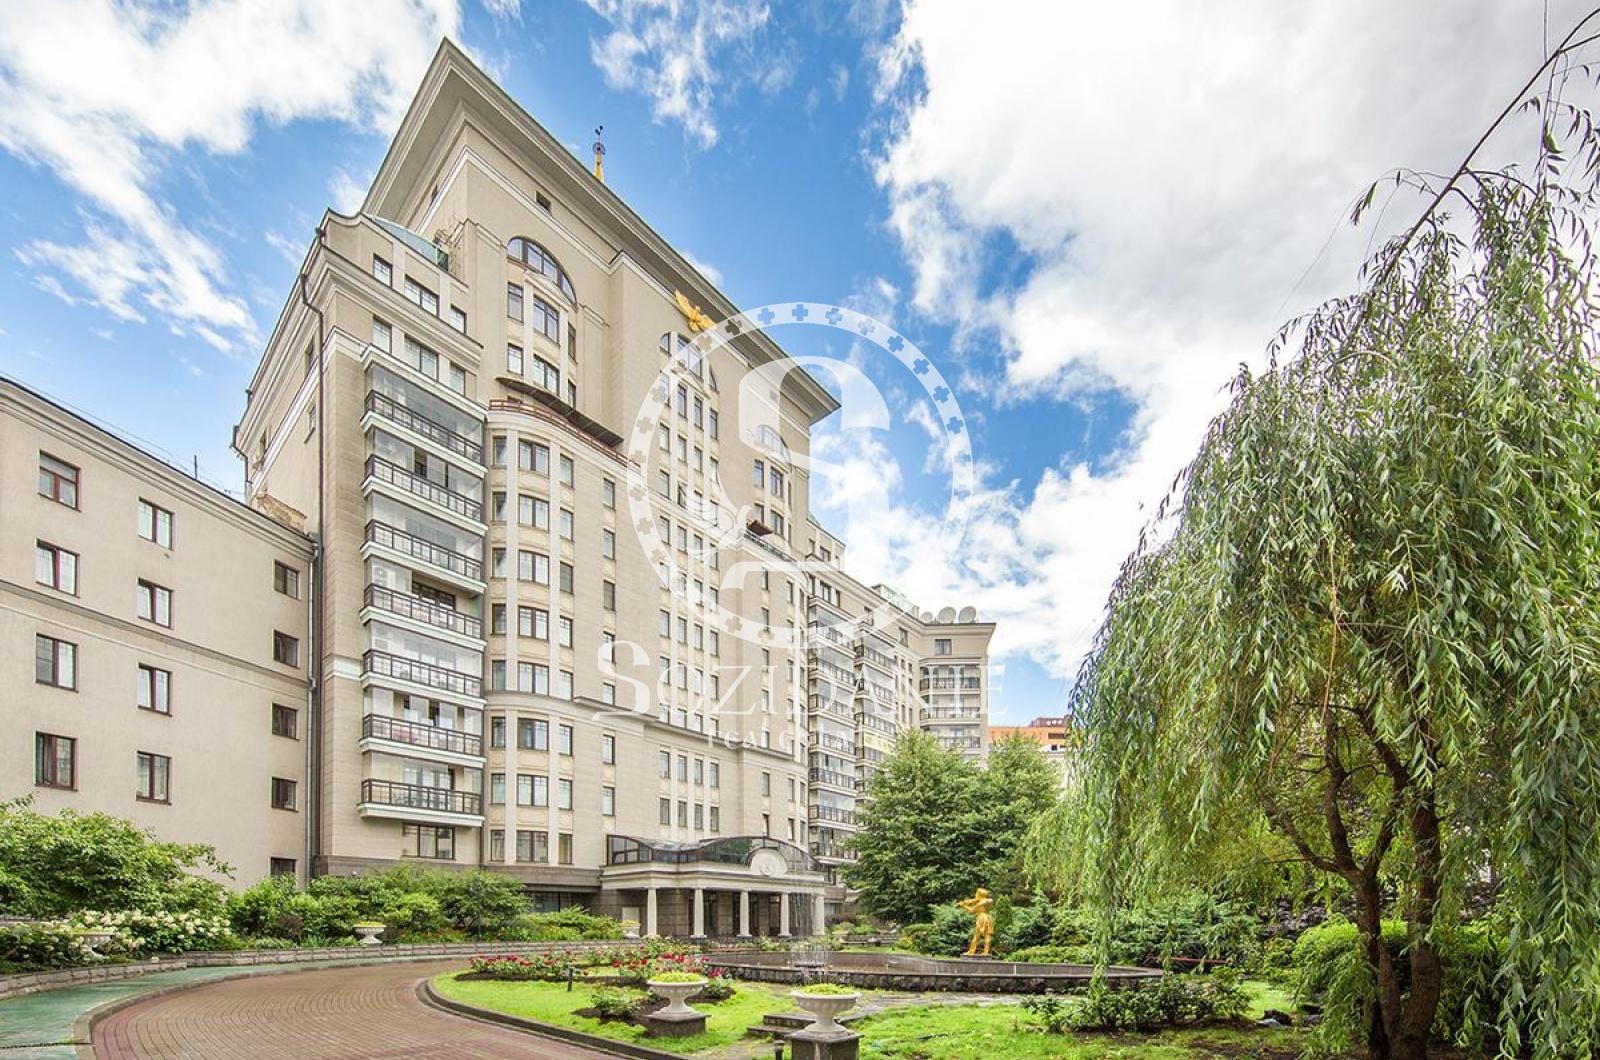 3 Комнаты, Городская, Продажа, 1-й Неопалимовский переулок, Listing ID 3489, Москва, Россия,